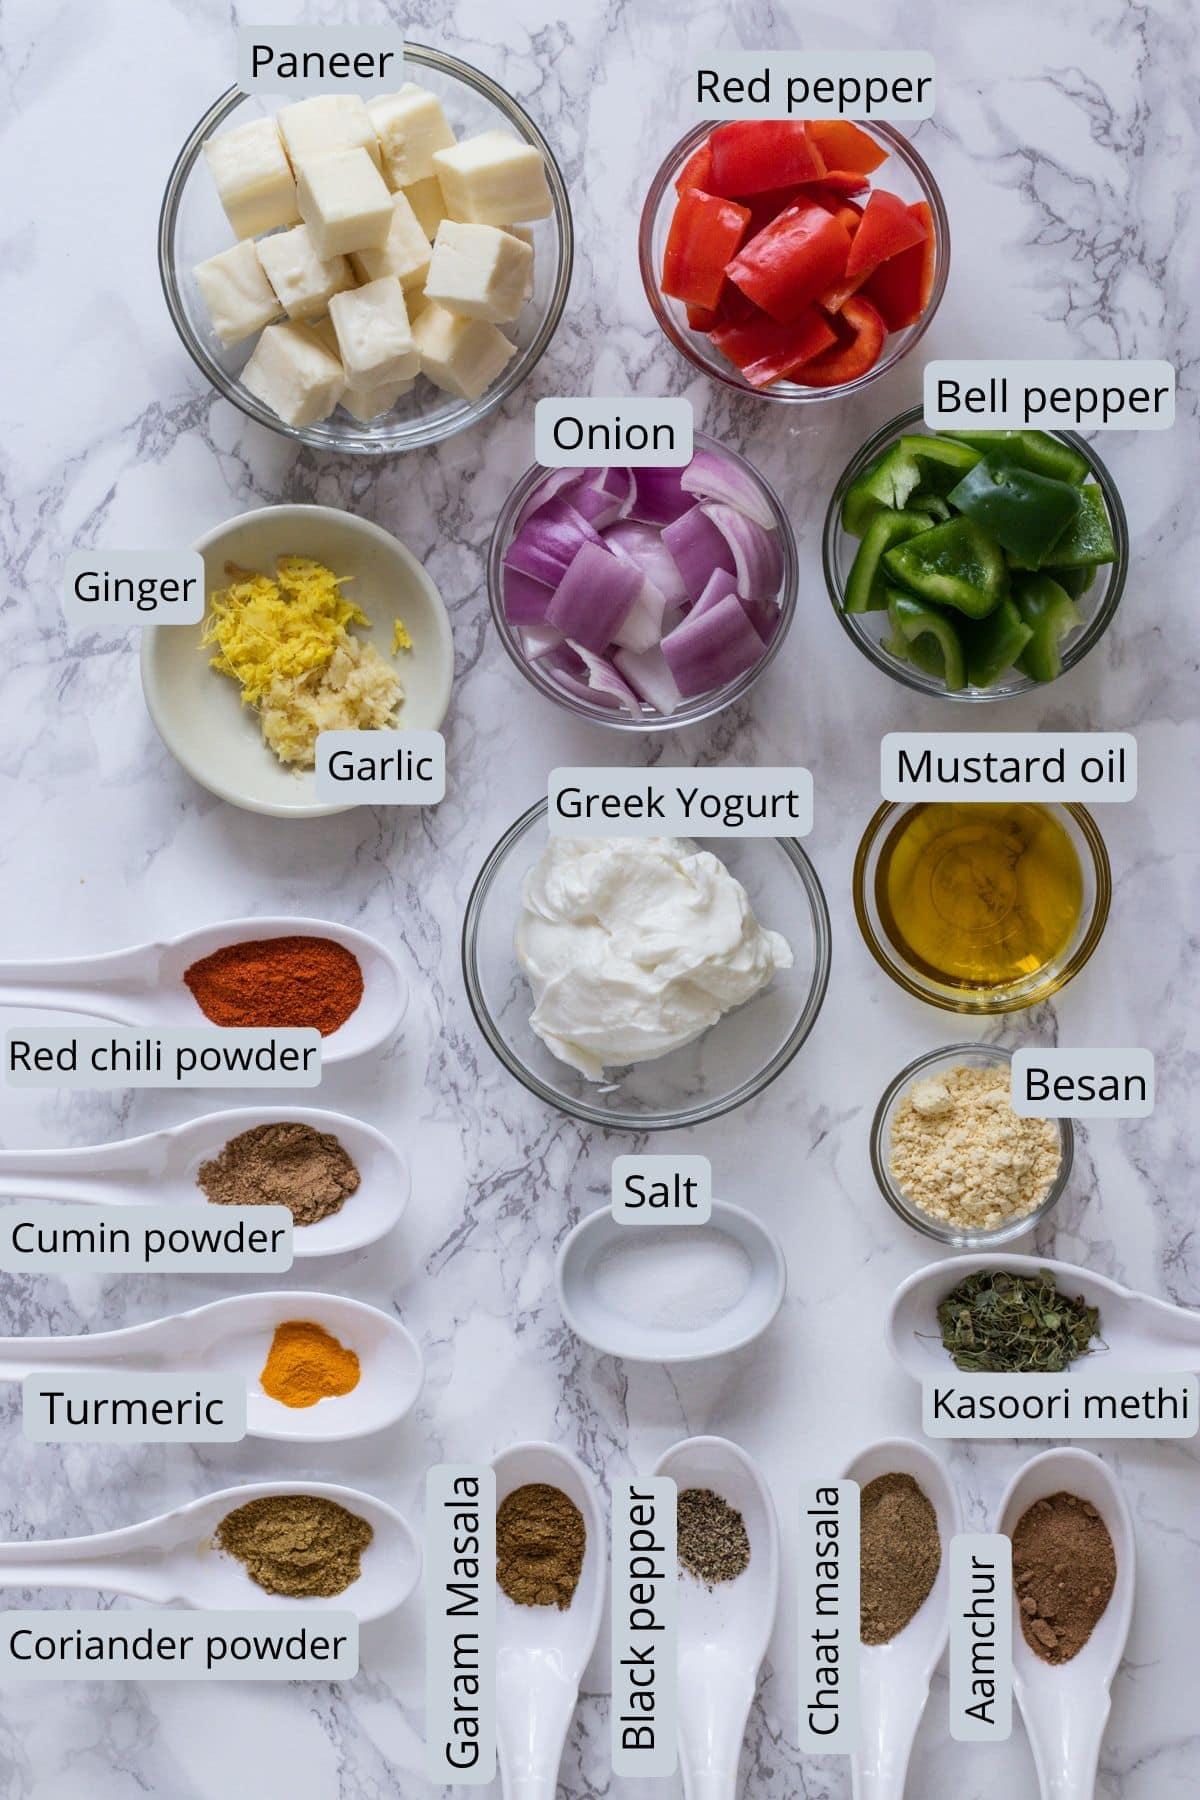 Ingredients used in paneer tikka includes greek yogurt, paneer, onion, peppers, ginger garlic paste, salt, spices, mustard oil and besan.